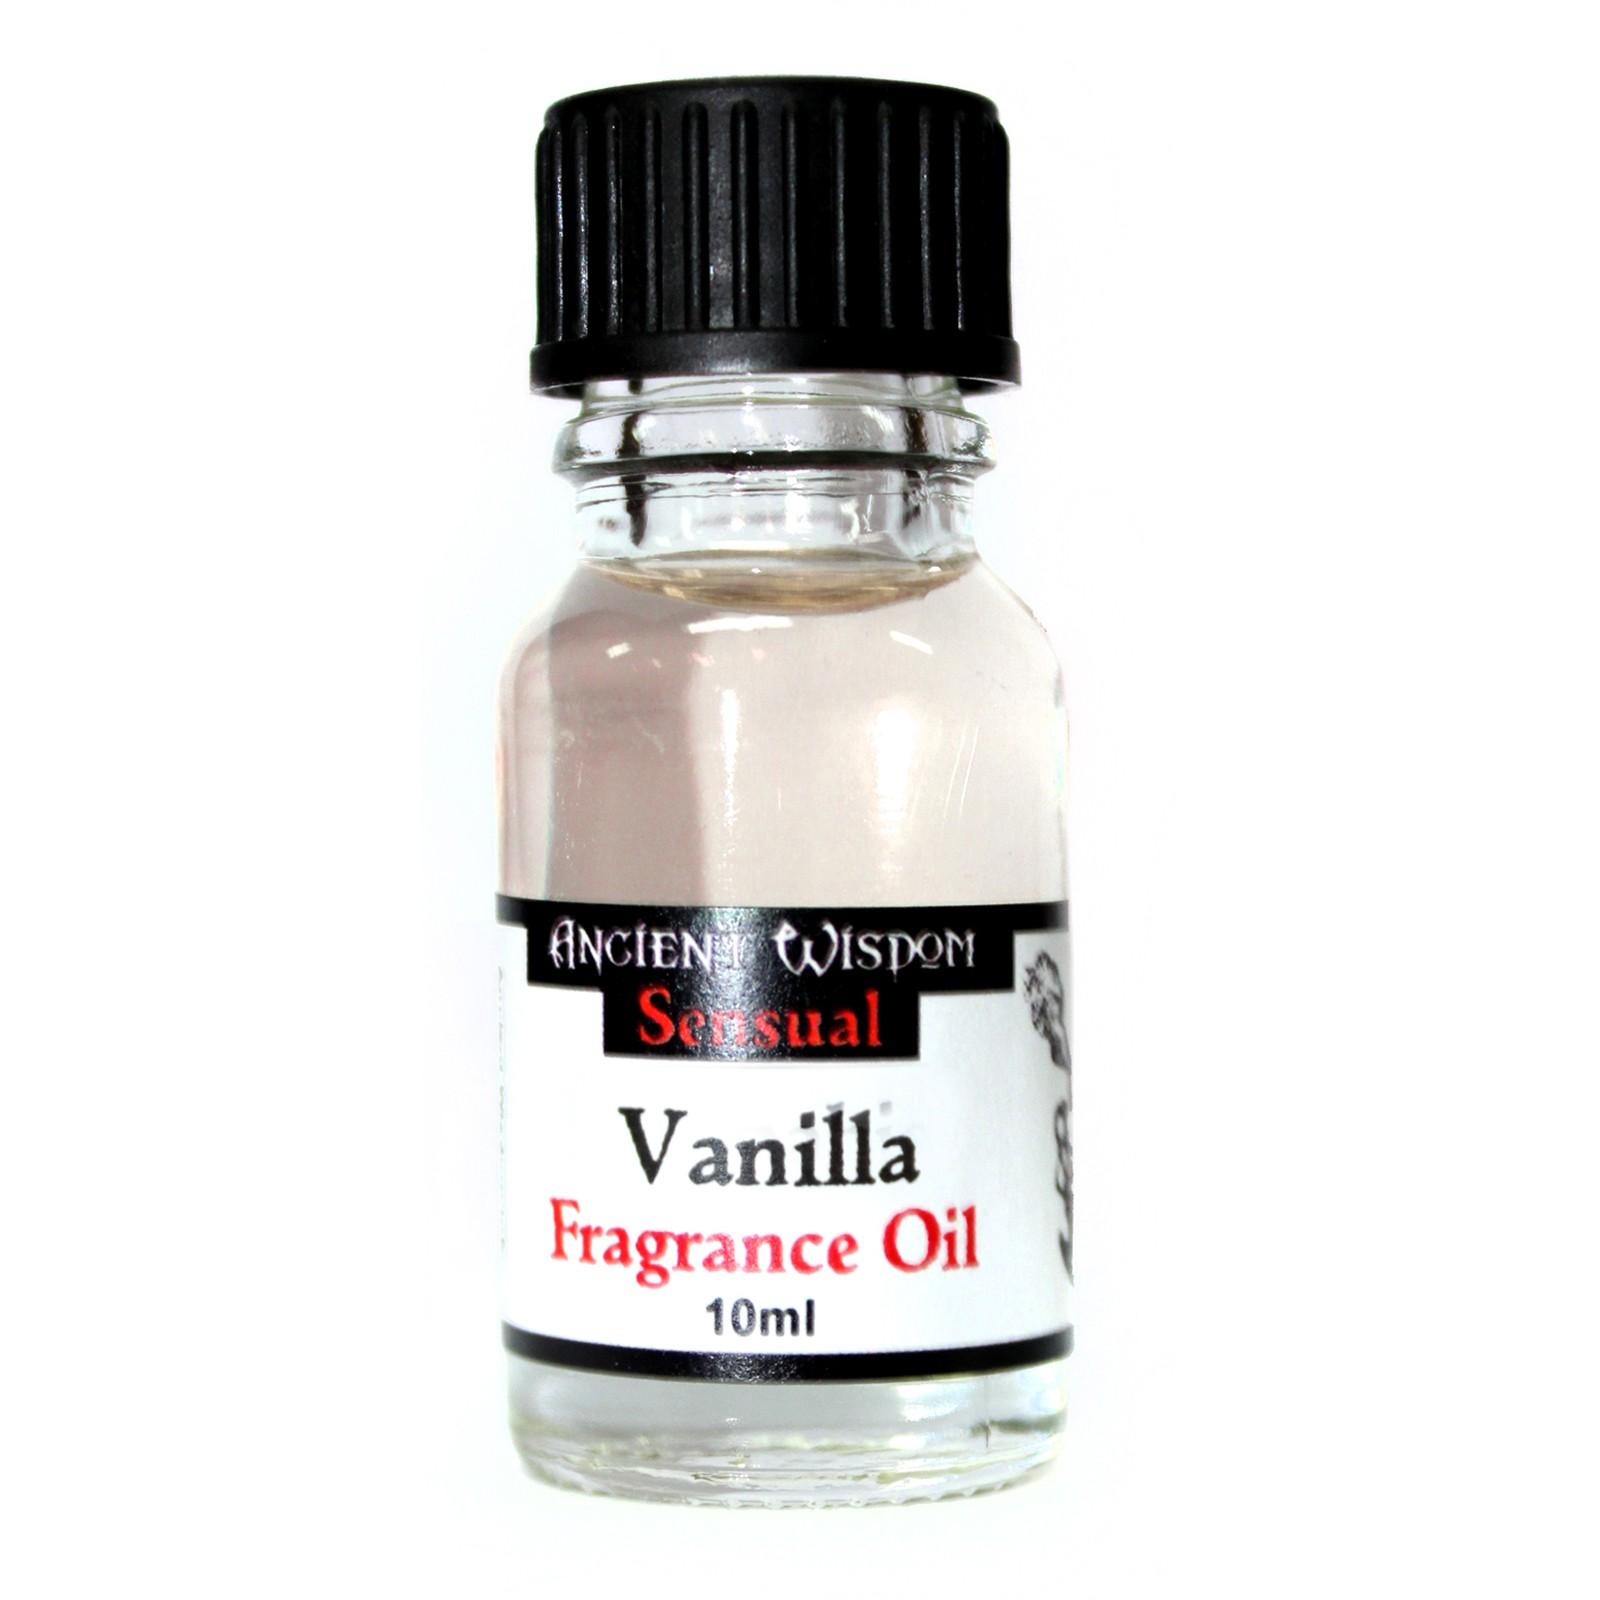 10ml Vanilla Fragrance Oil